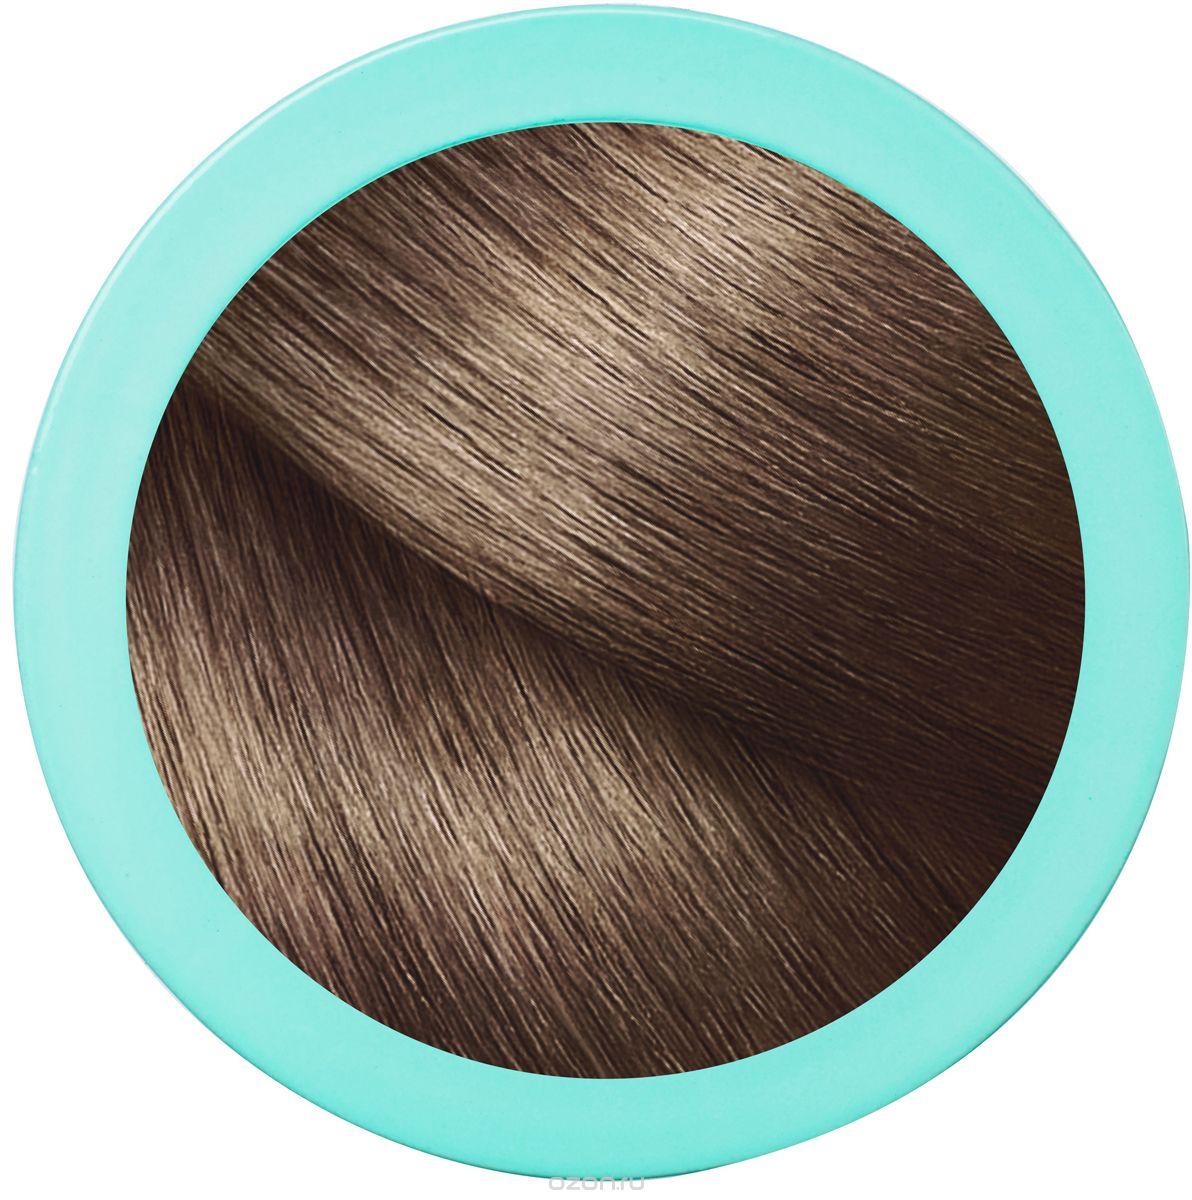 Шоколадный цвет волос и его оттенки